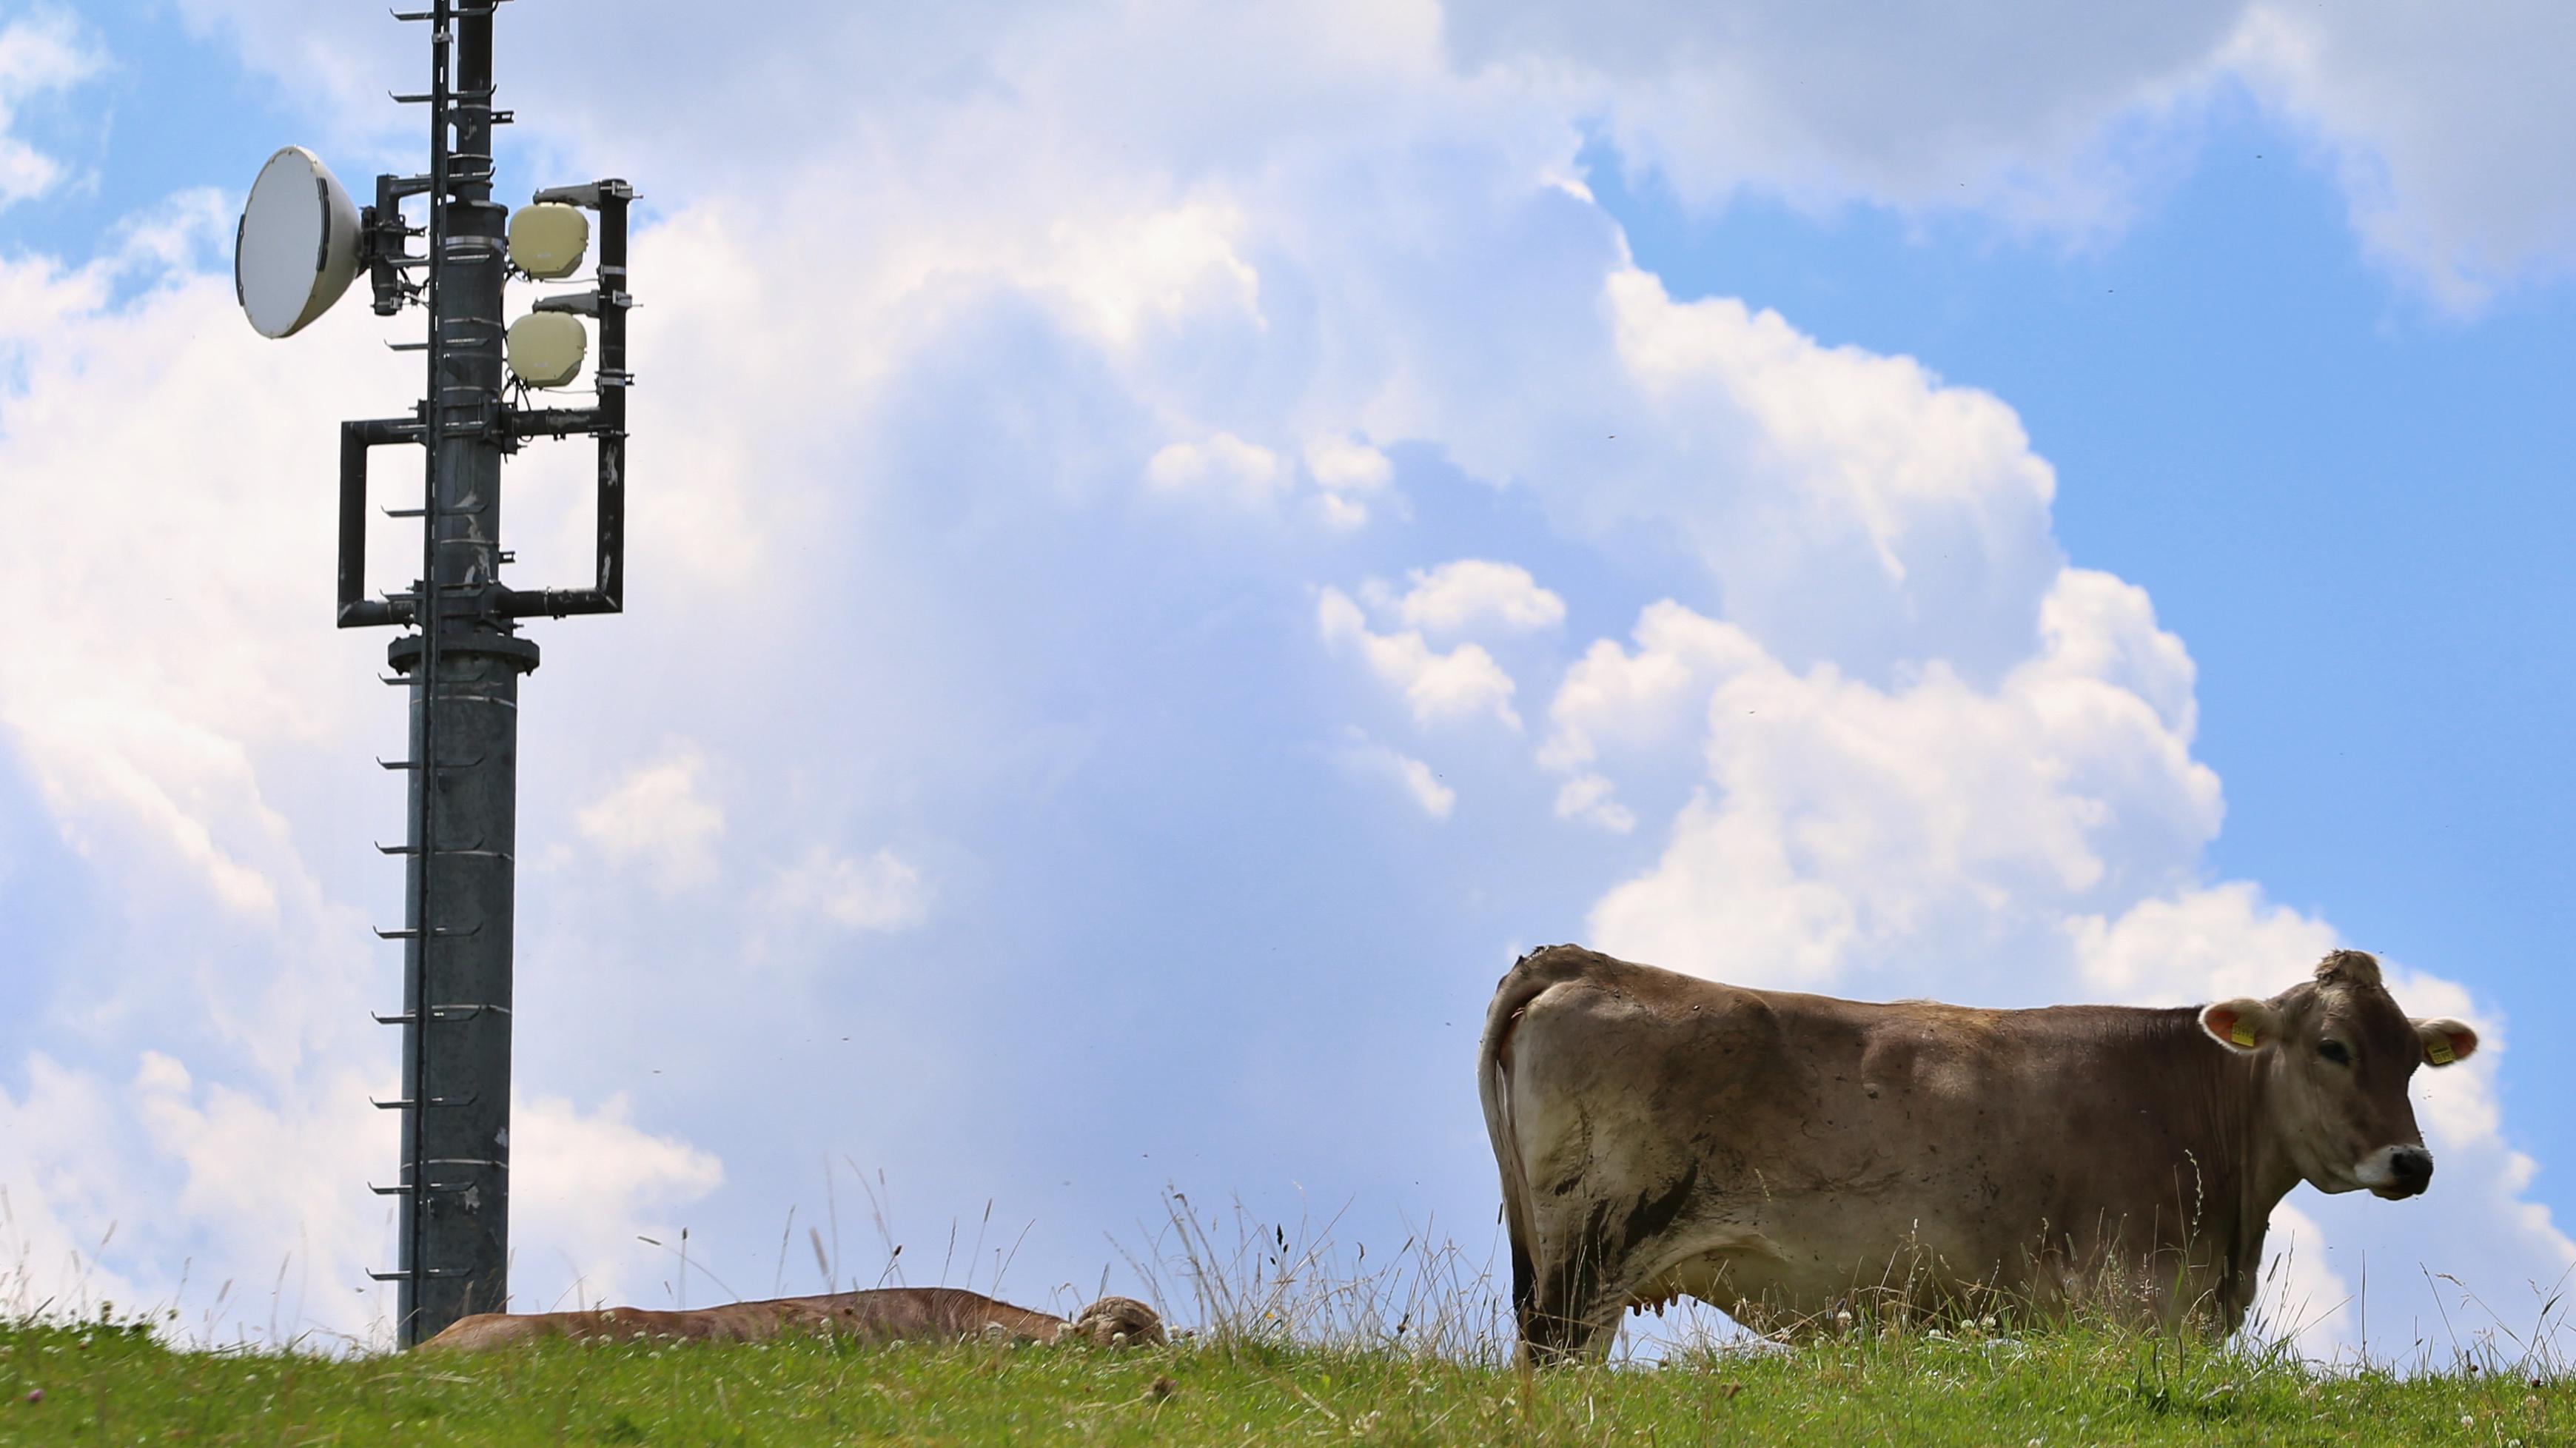 Kuh steht neben Mobilfunkmast